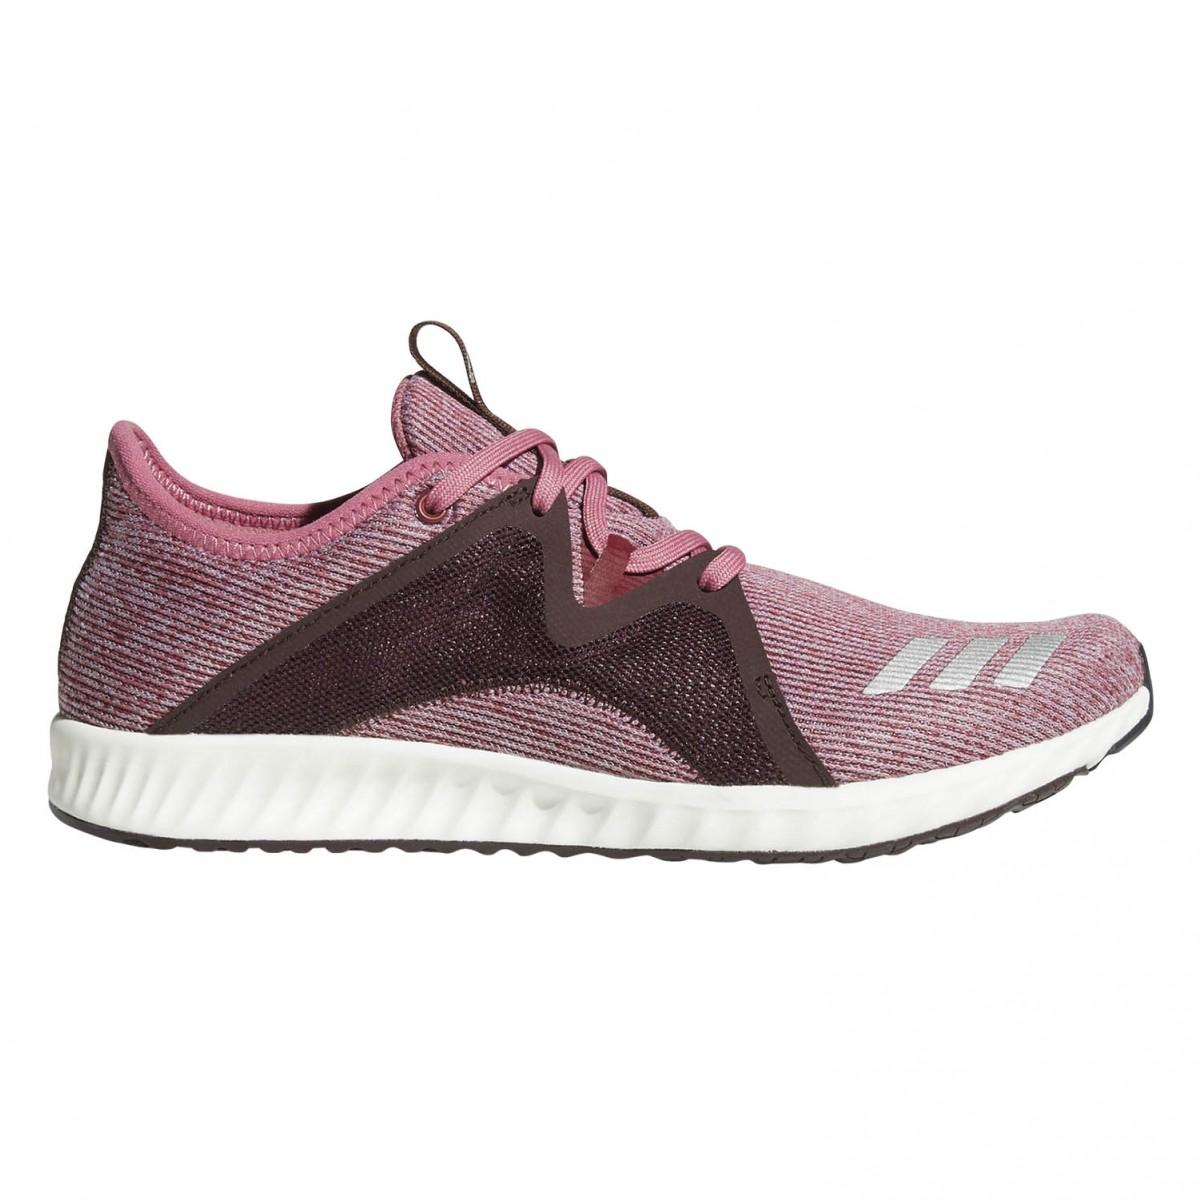 Zapatillas Adidas Edge Lux 2